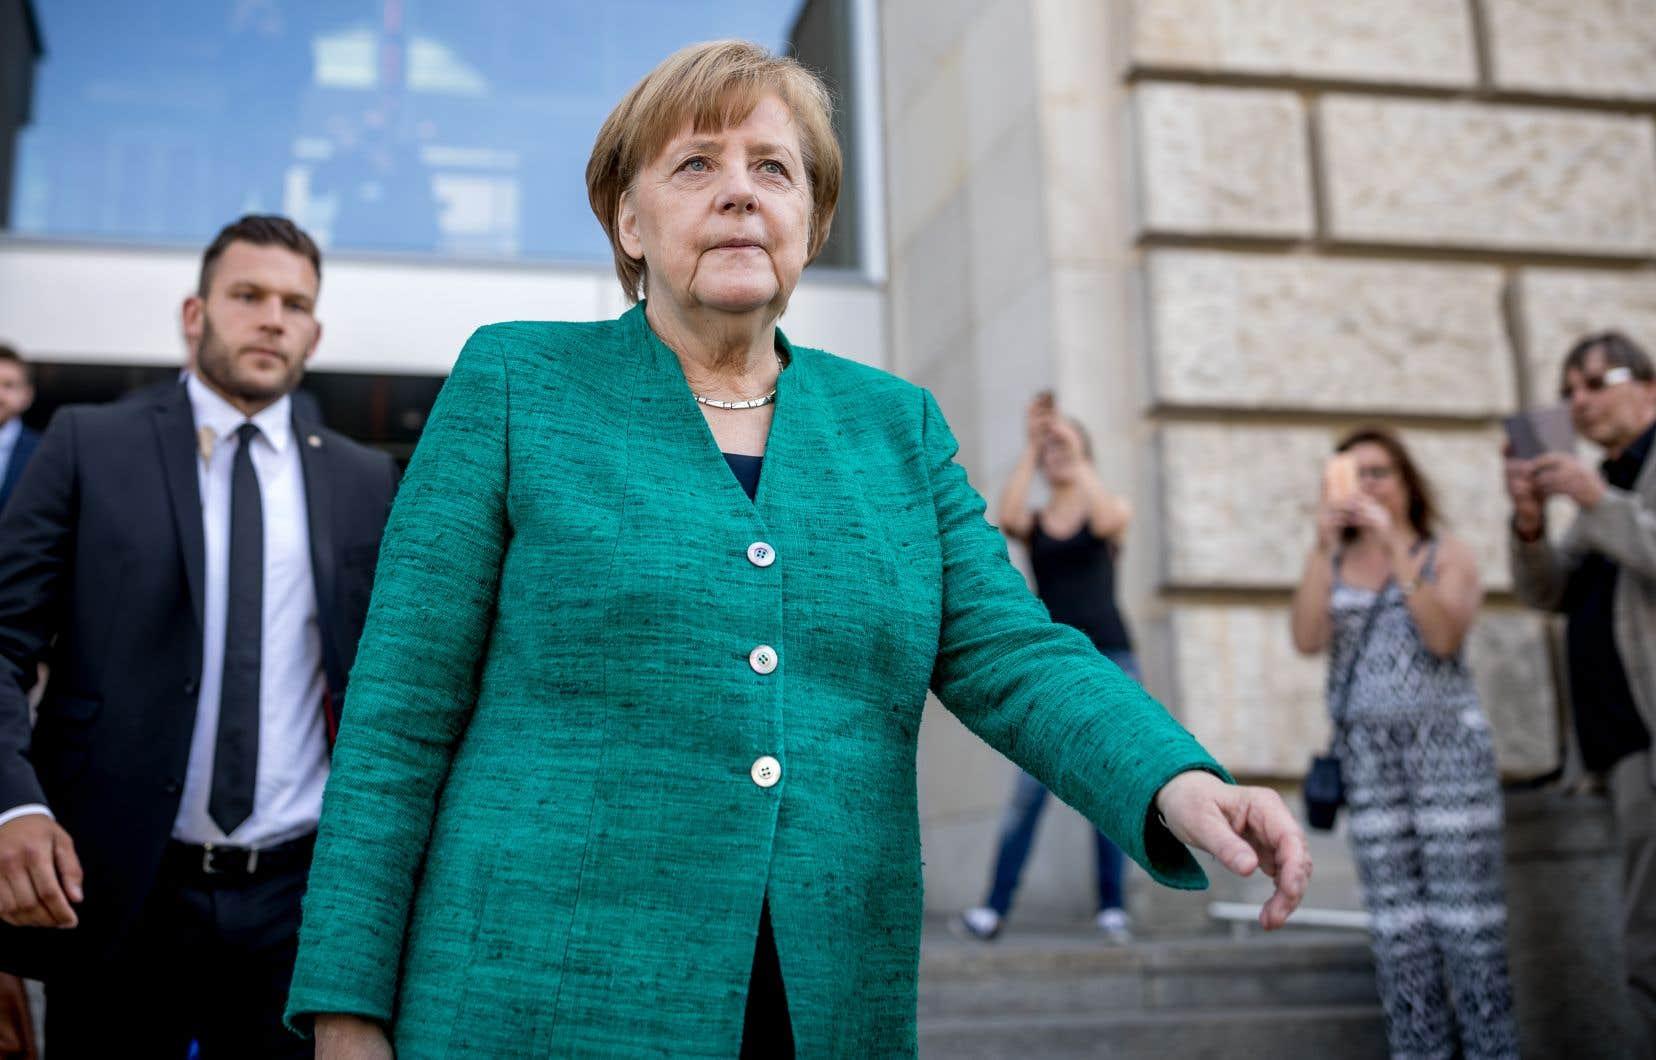 La CSU veut contraindre Angela Merkel, très critiquée depuis sa décision en 2015 d'ouvrir les portes du pays à plus d'un million de réfugiés, à durcir sa politique migratoire.